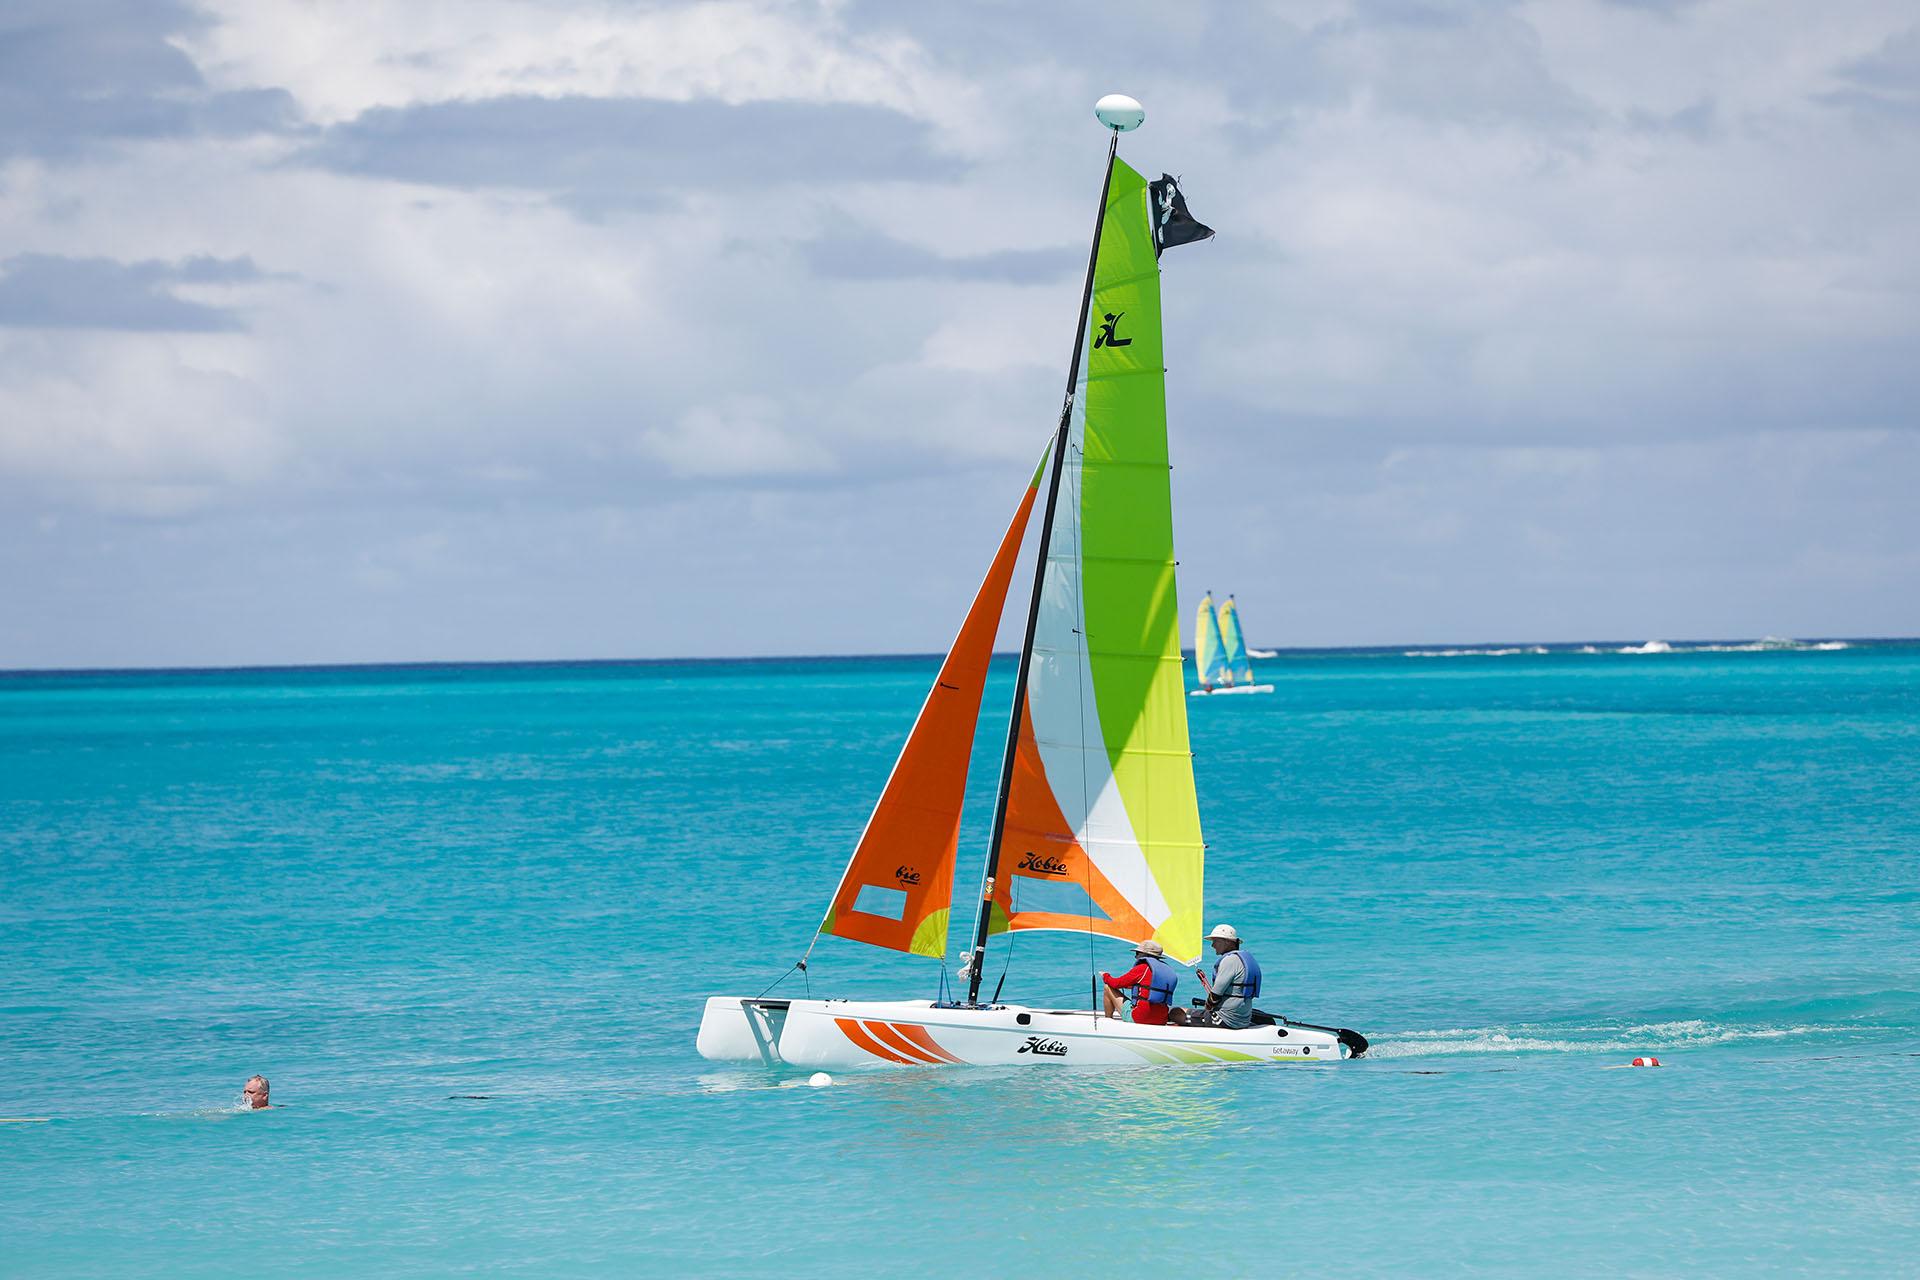 Los lujos, comodidades y actividades del Club Med Turkoise hacen de la visita a las Islas un verdadero escape para unas vacaciones soñadas